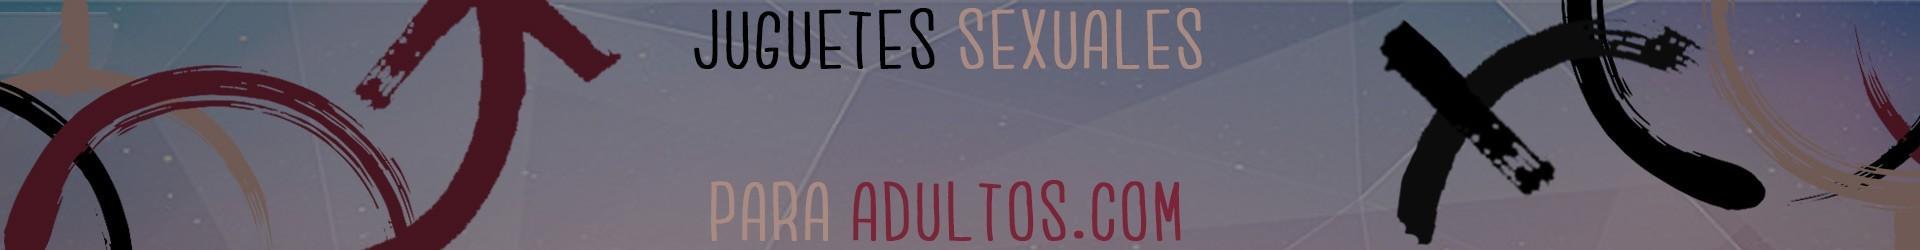 Delantales - Juguetes Sexuales para Adultos